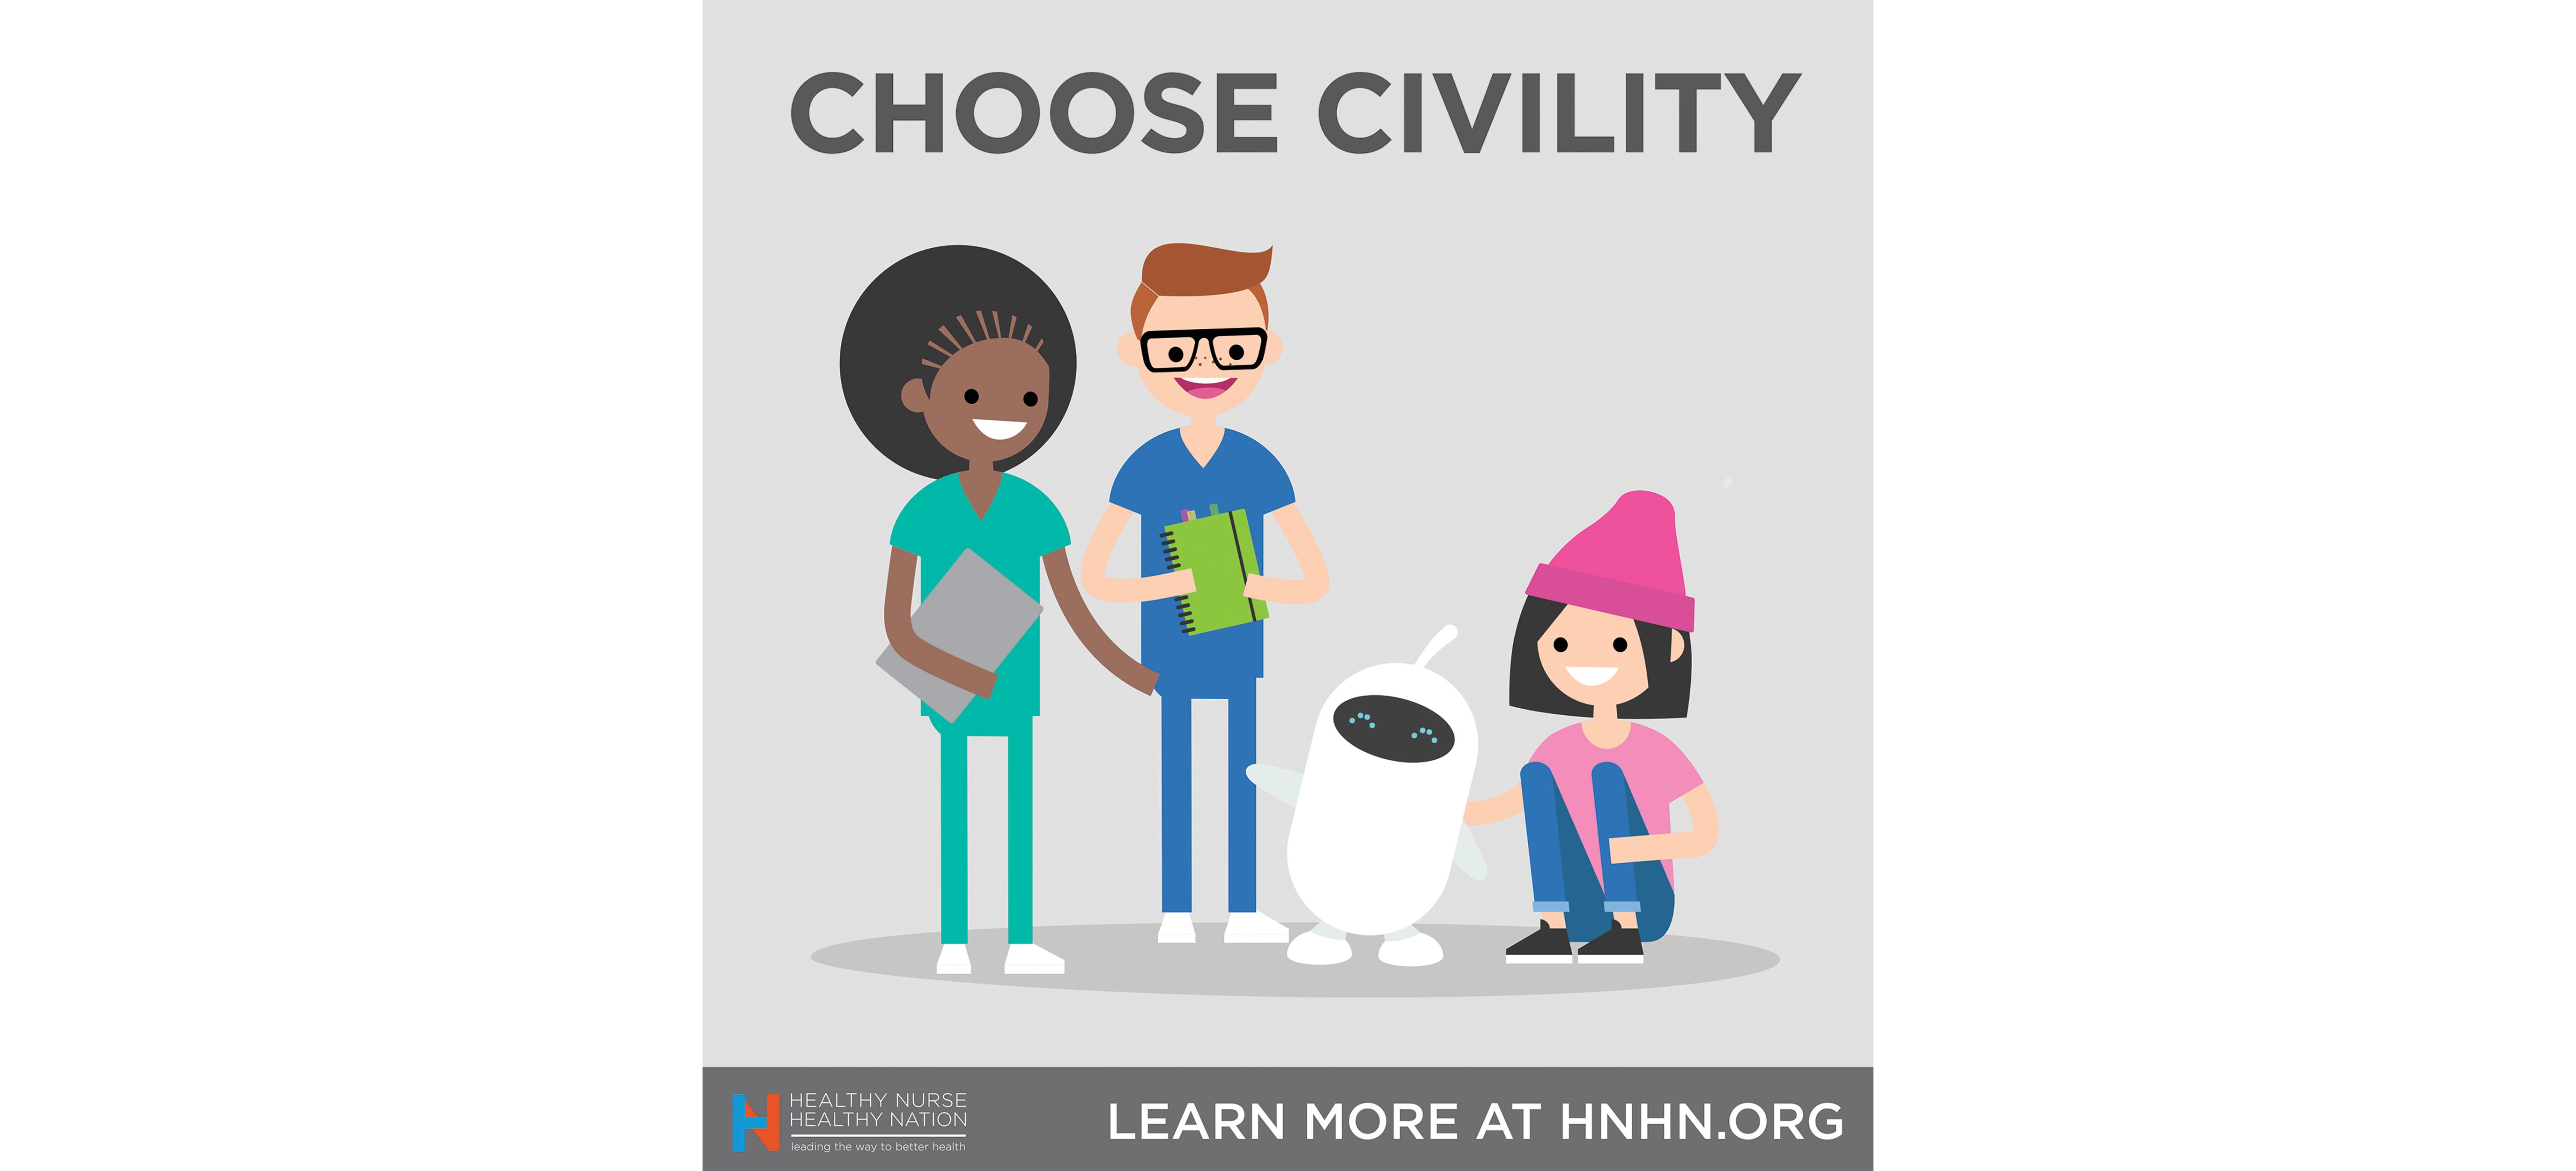 Celebrate Civility 41